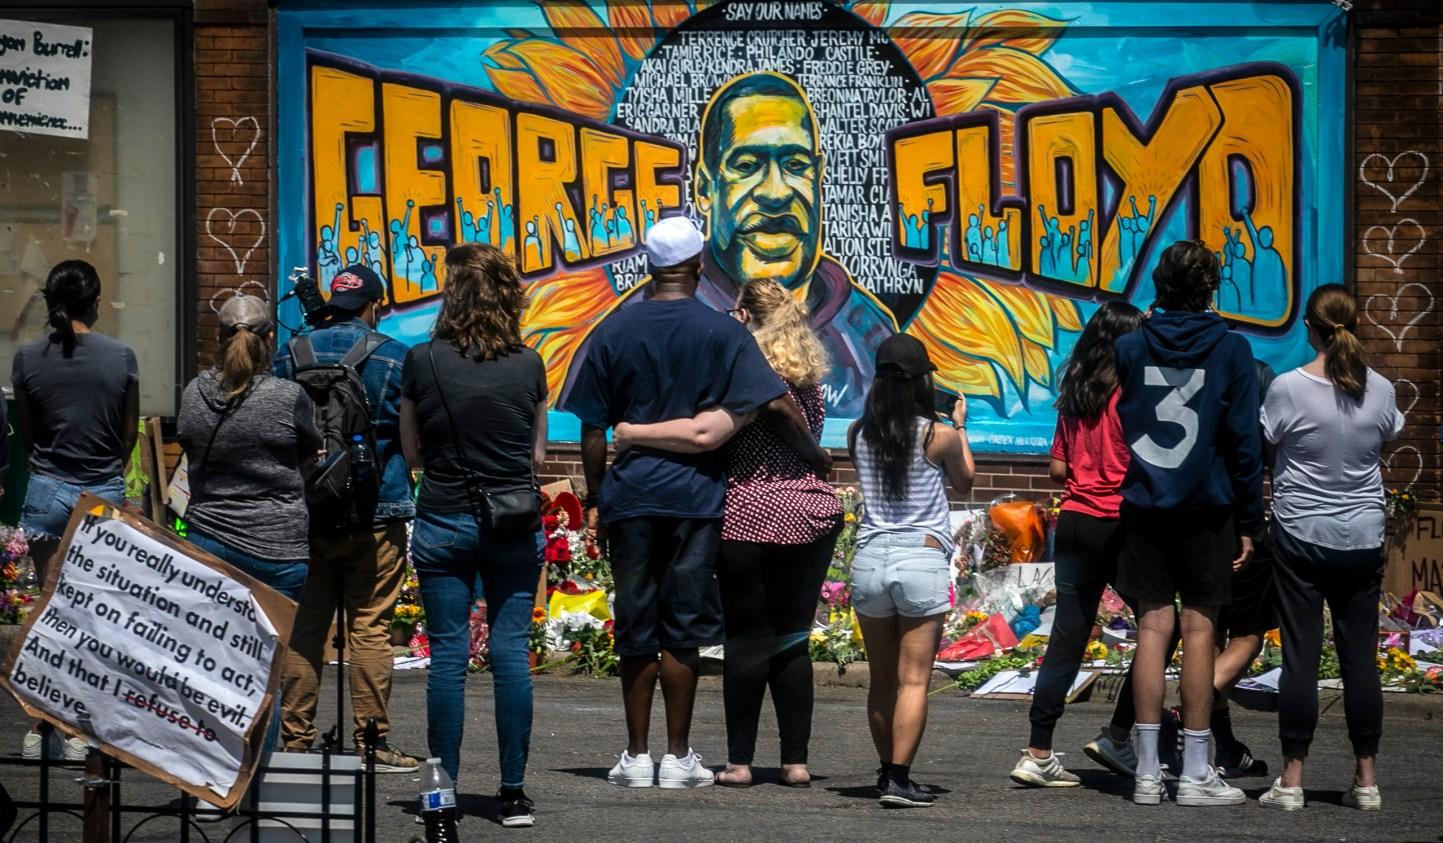 Floyd mural lead